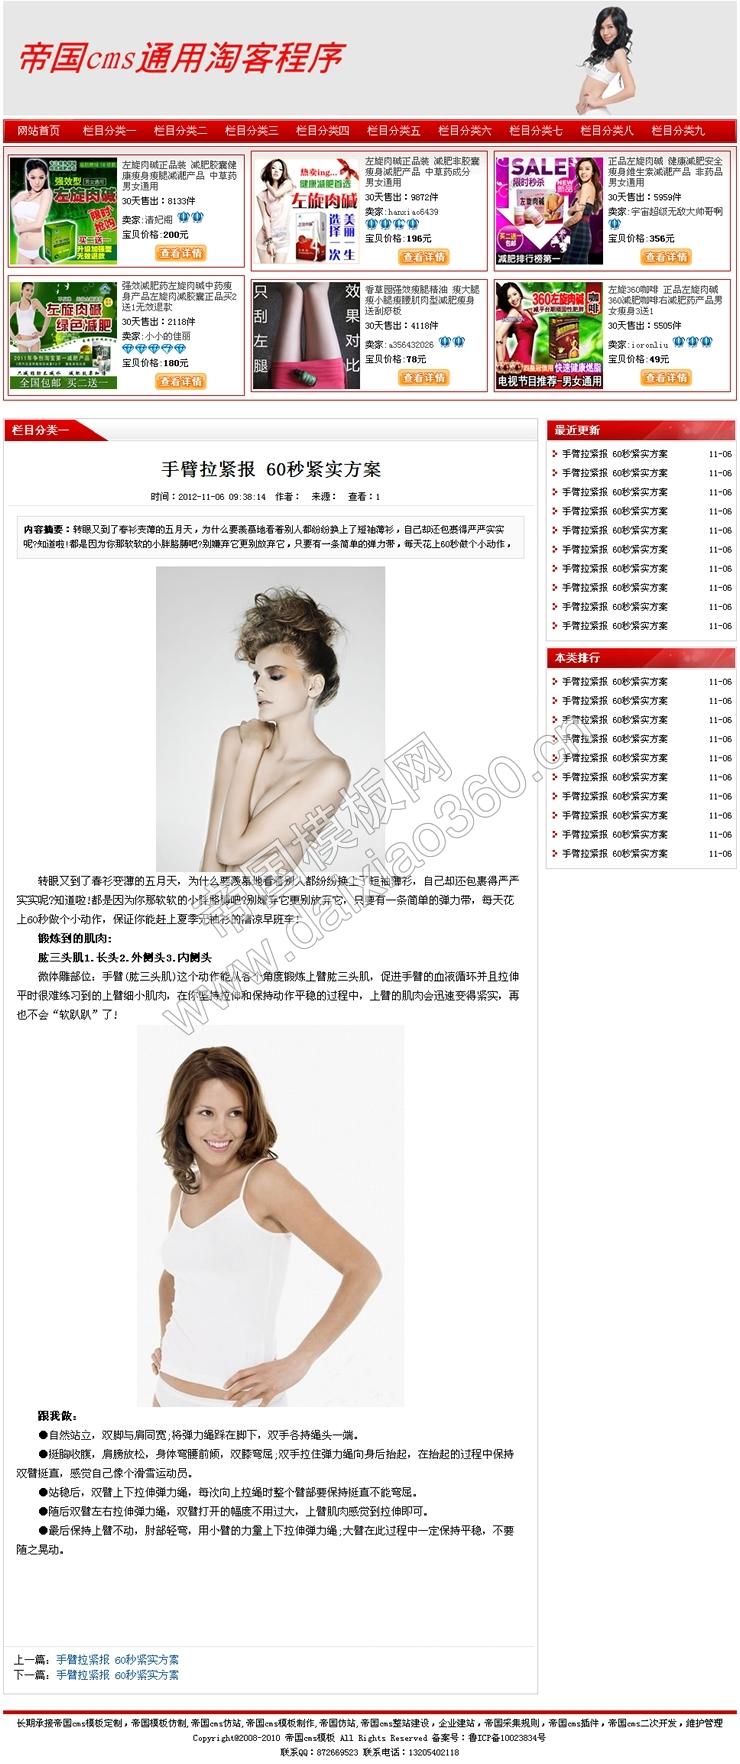 帝国cms红色版最新淘宝客程序加文章发布系统_内容页